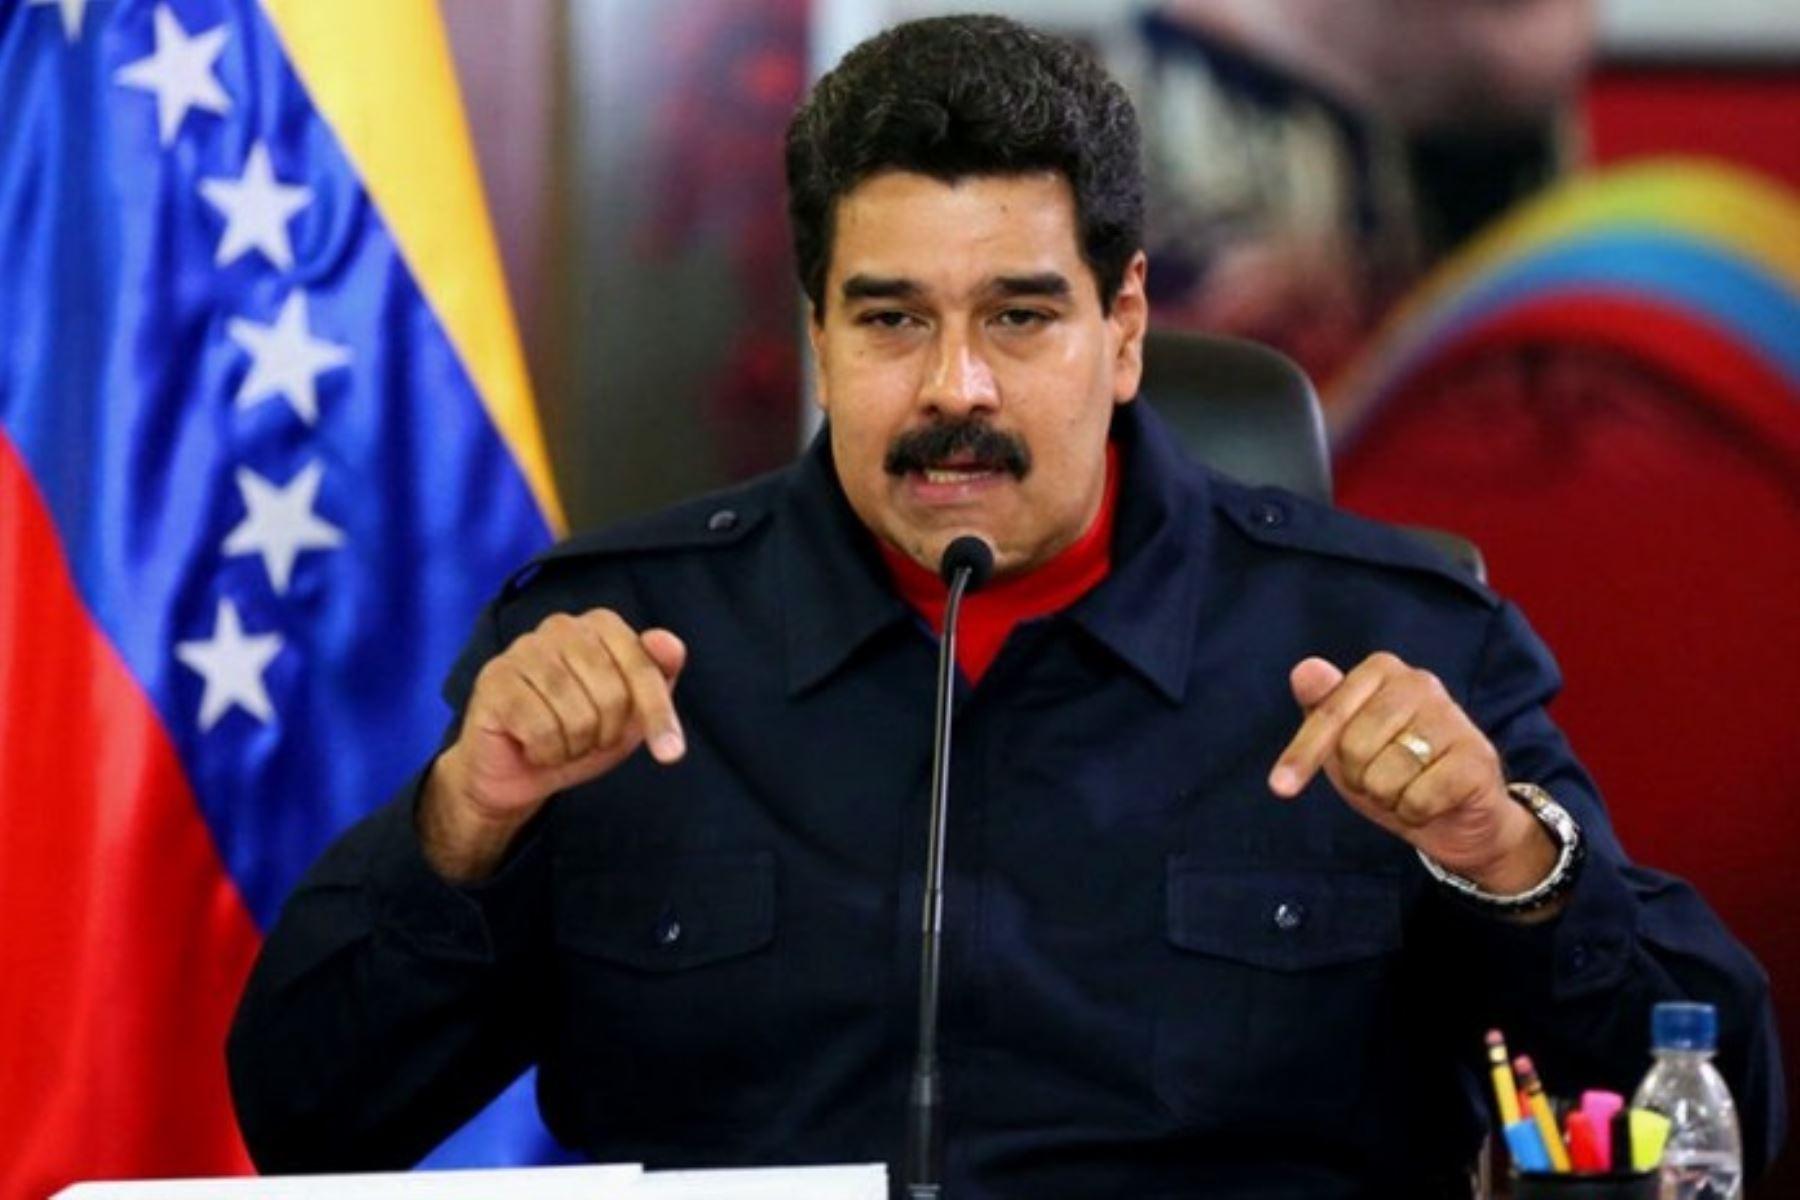 """Nicolás Maduro sobre la vacuna rusa contra el COVID-19: """"El primero que se  va a vacunar soy yo"""" - Caretas Mundo"""